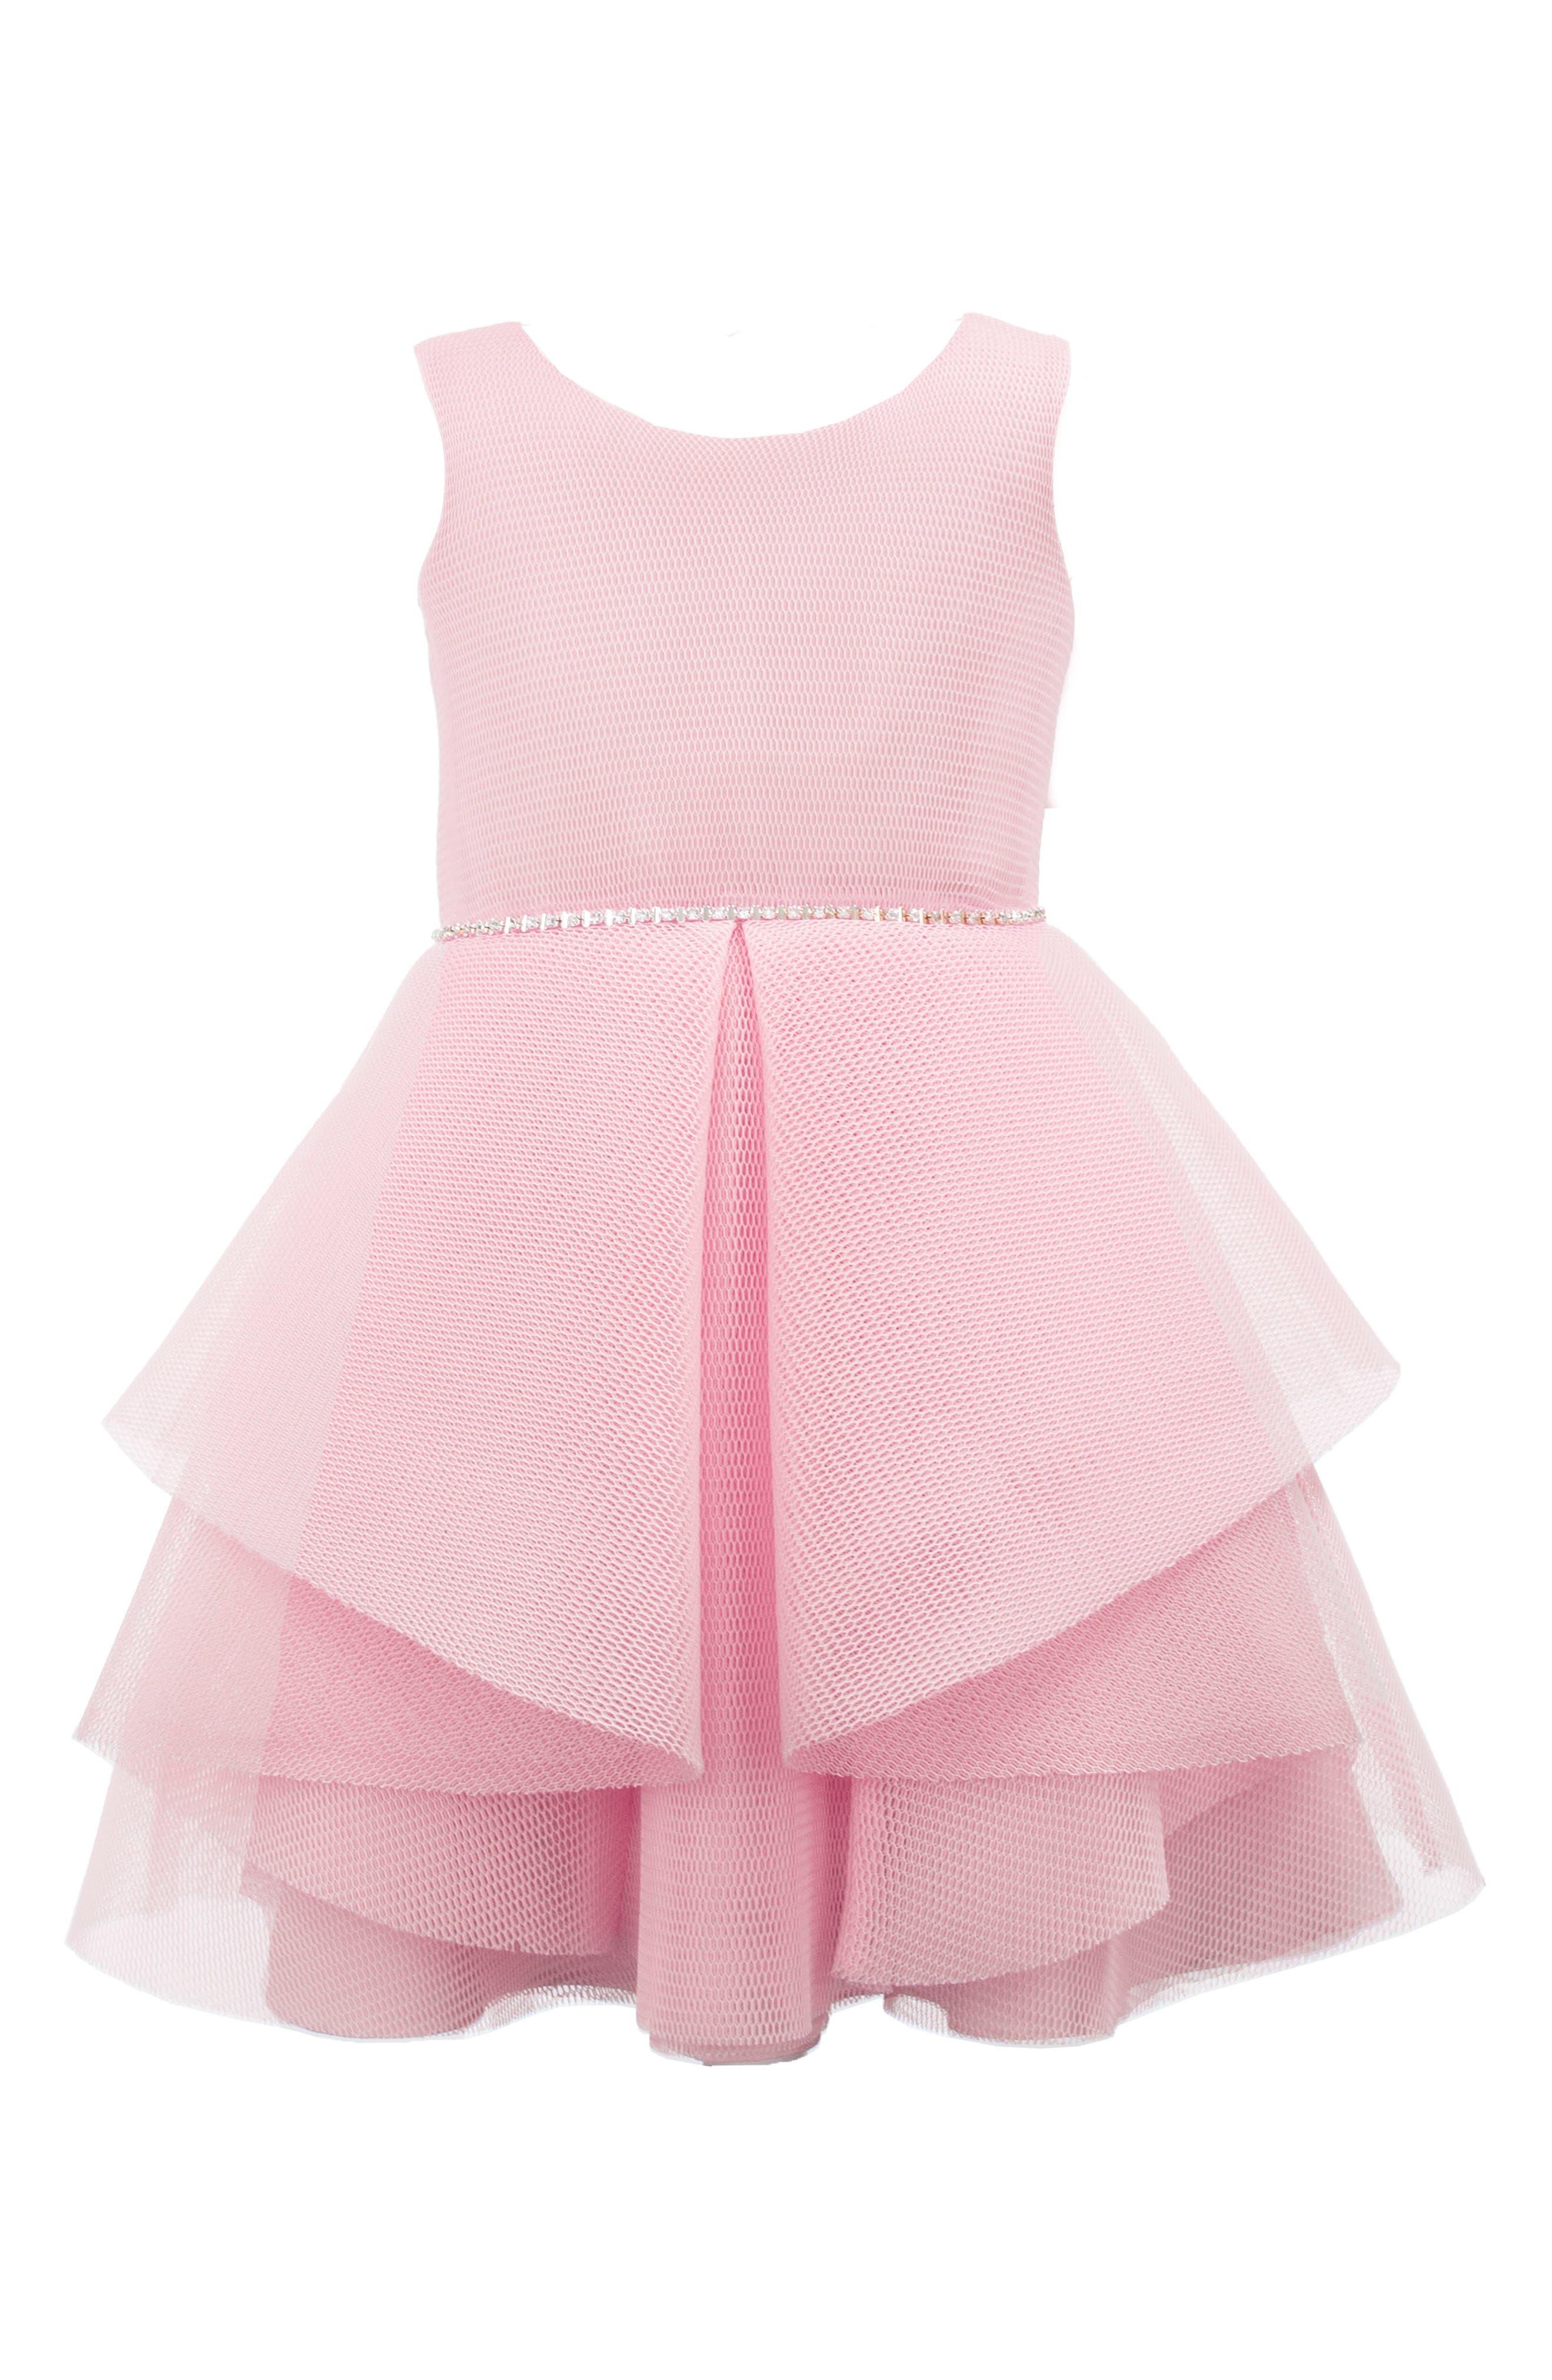 Wrapover Mesh Dress,                             Main thumbnail 1, color,                             660